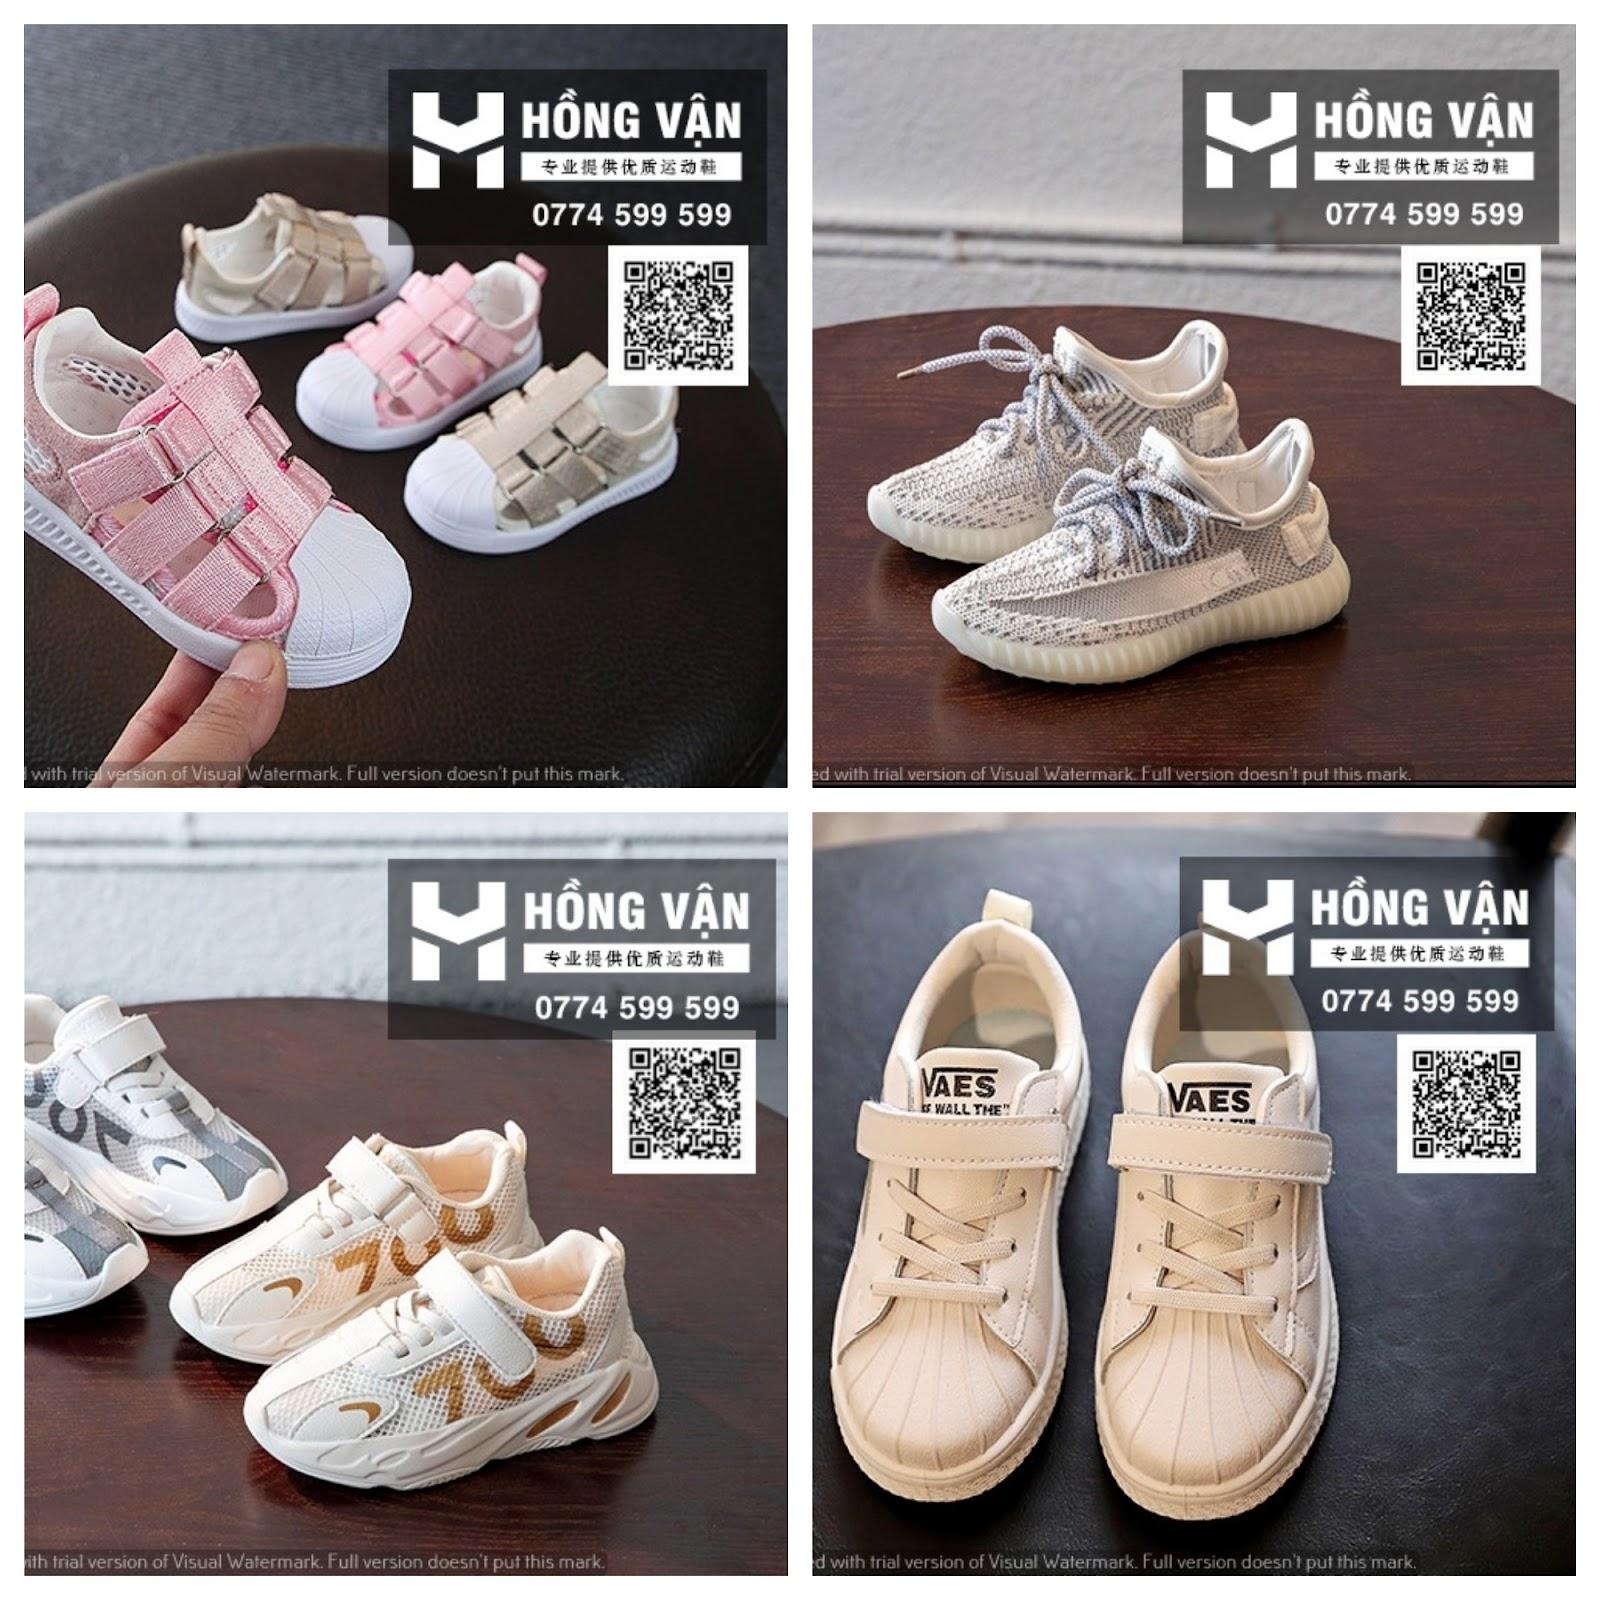 Hồng Vận - chuyên cung cấp sỉ giày thể thao uy tín chất lượng - 8